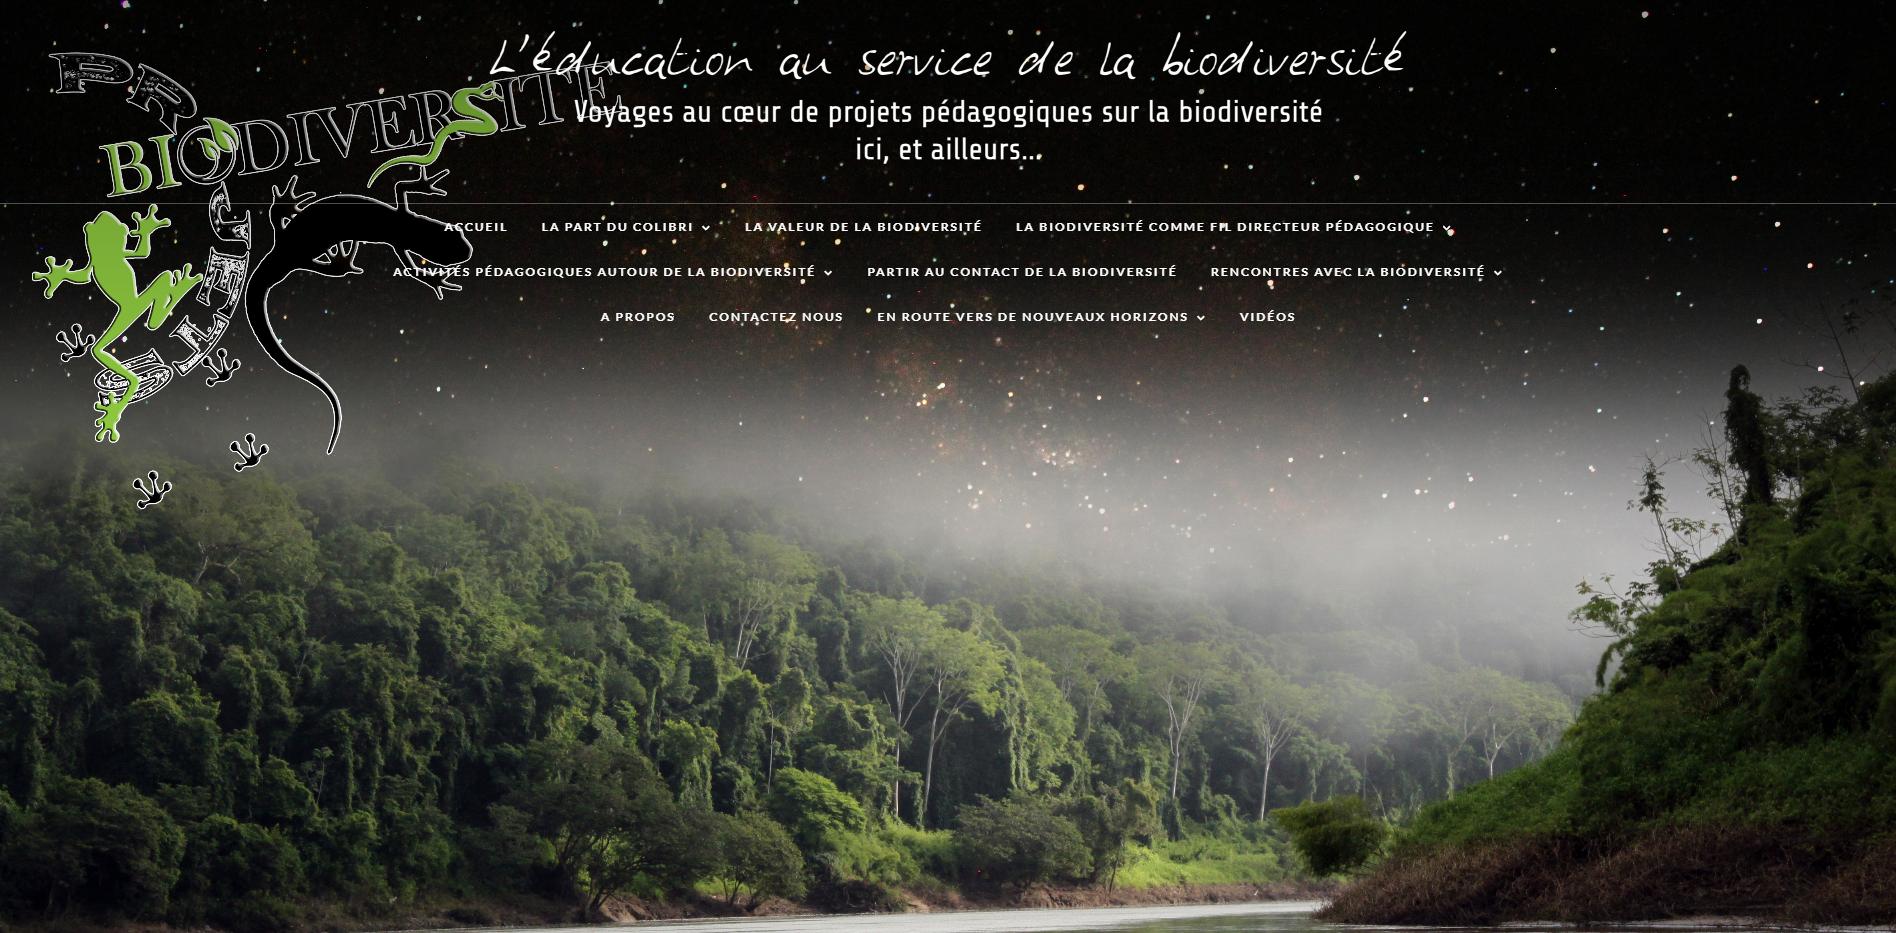 Projet-biodiv.com